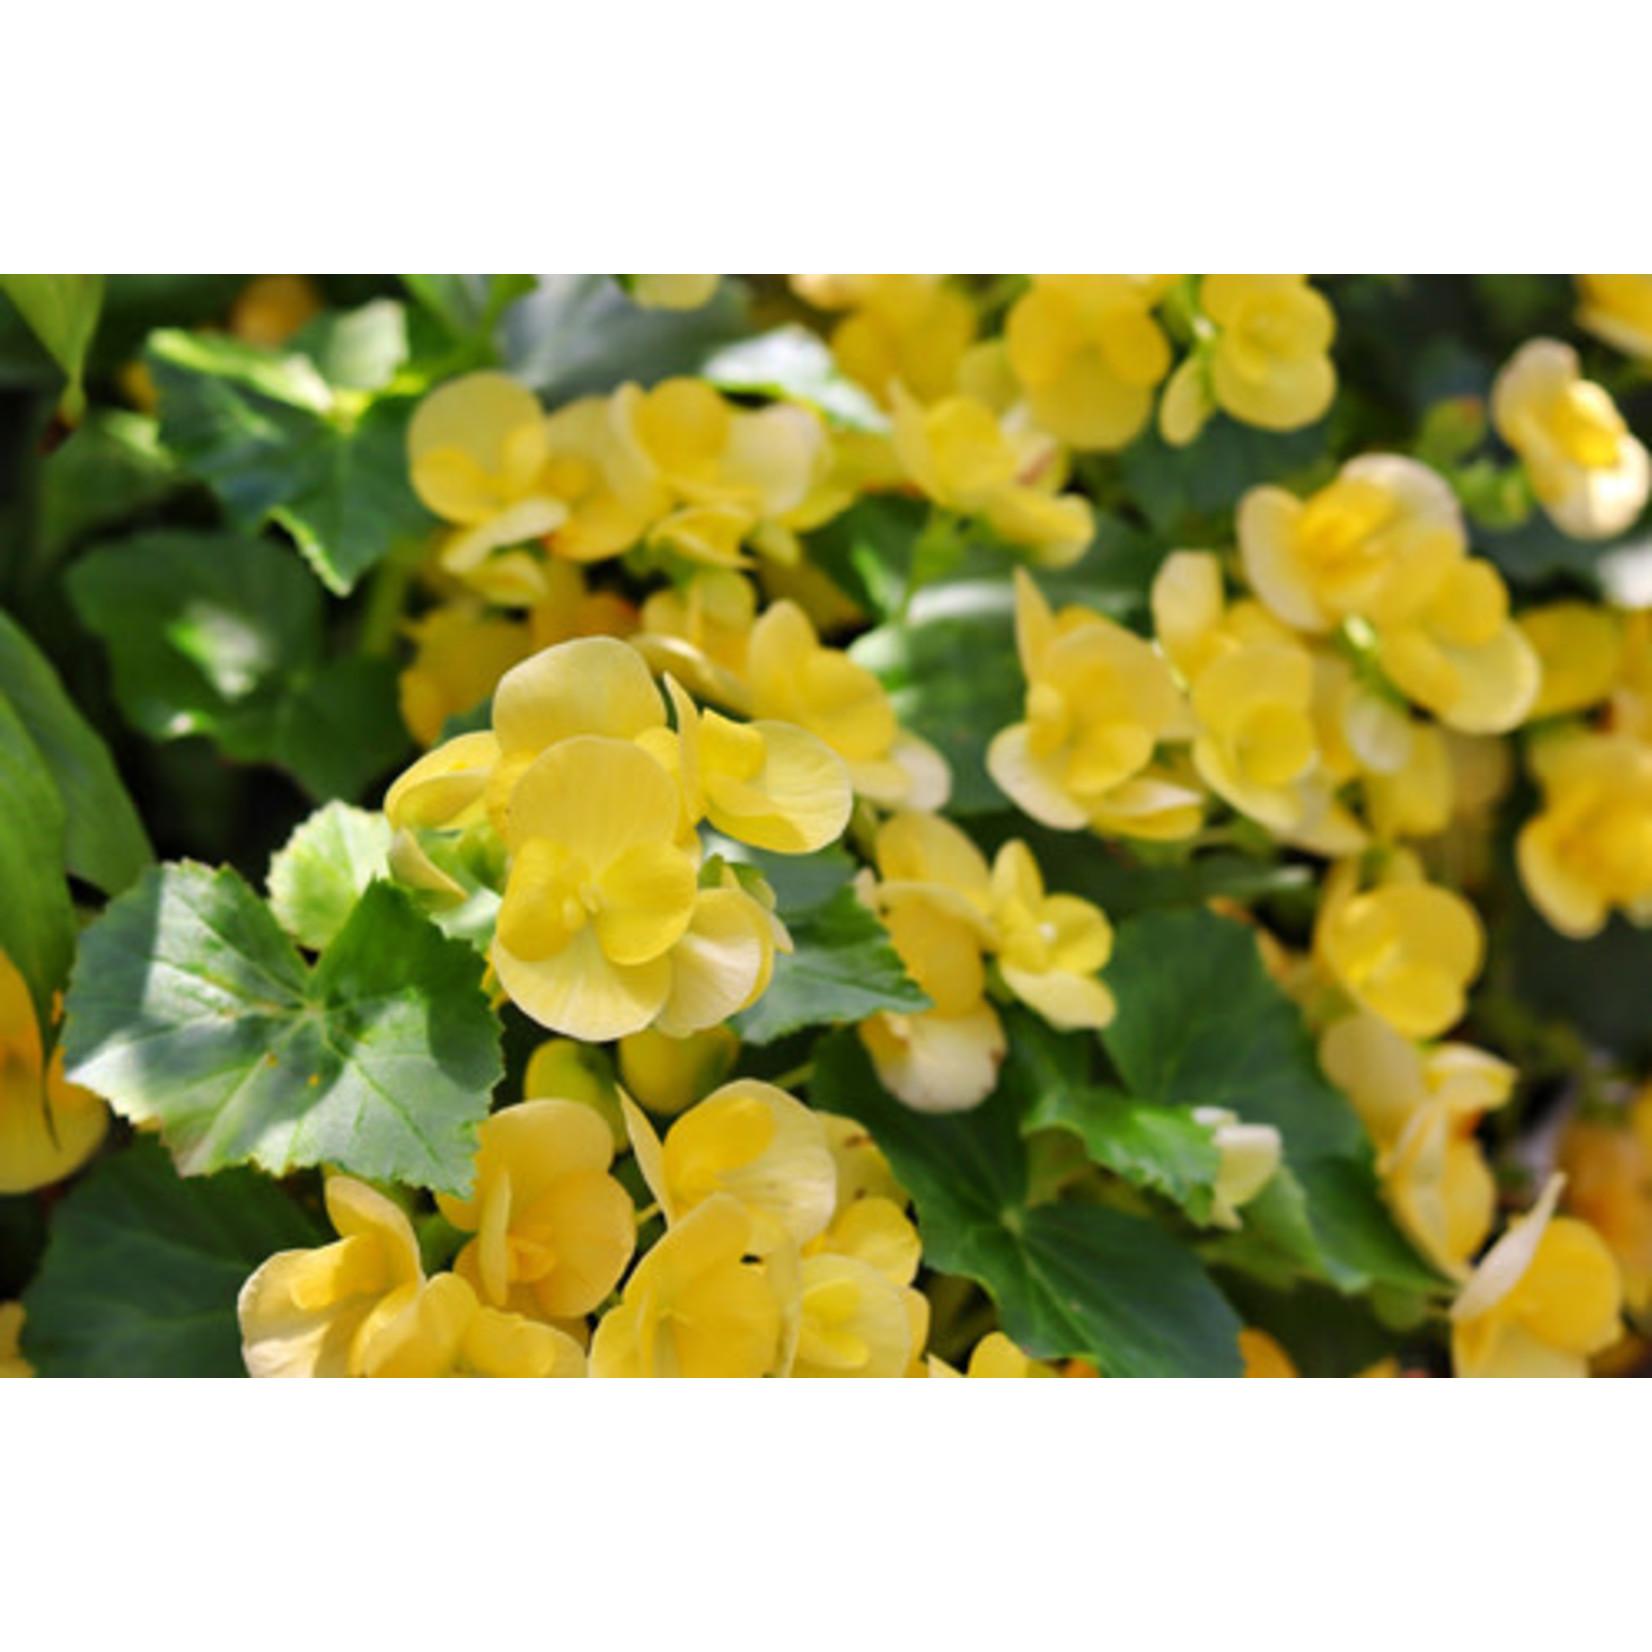 Begonia - Rieger 1 gal